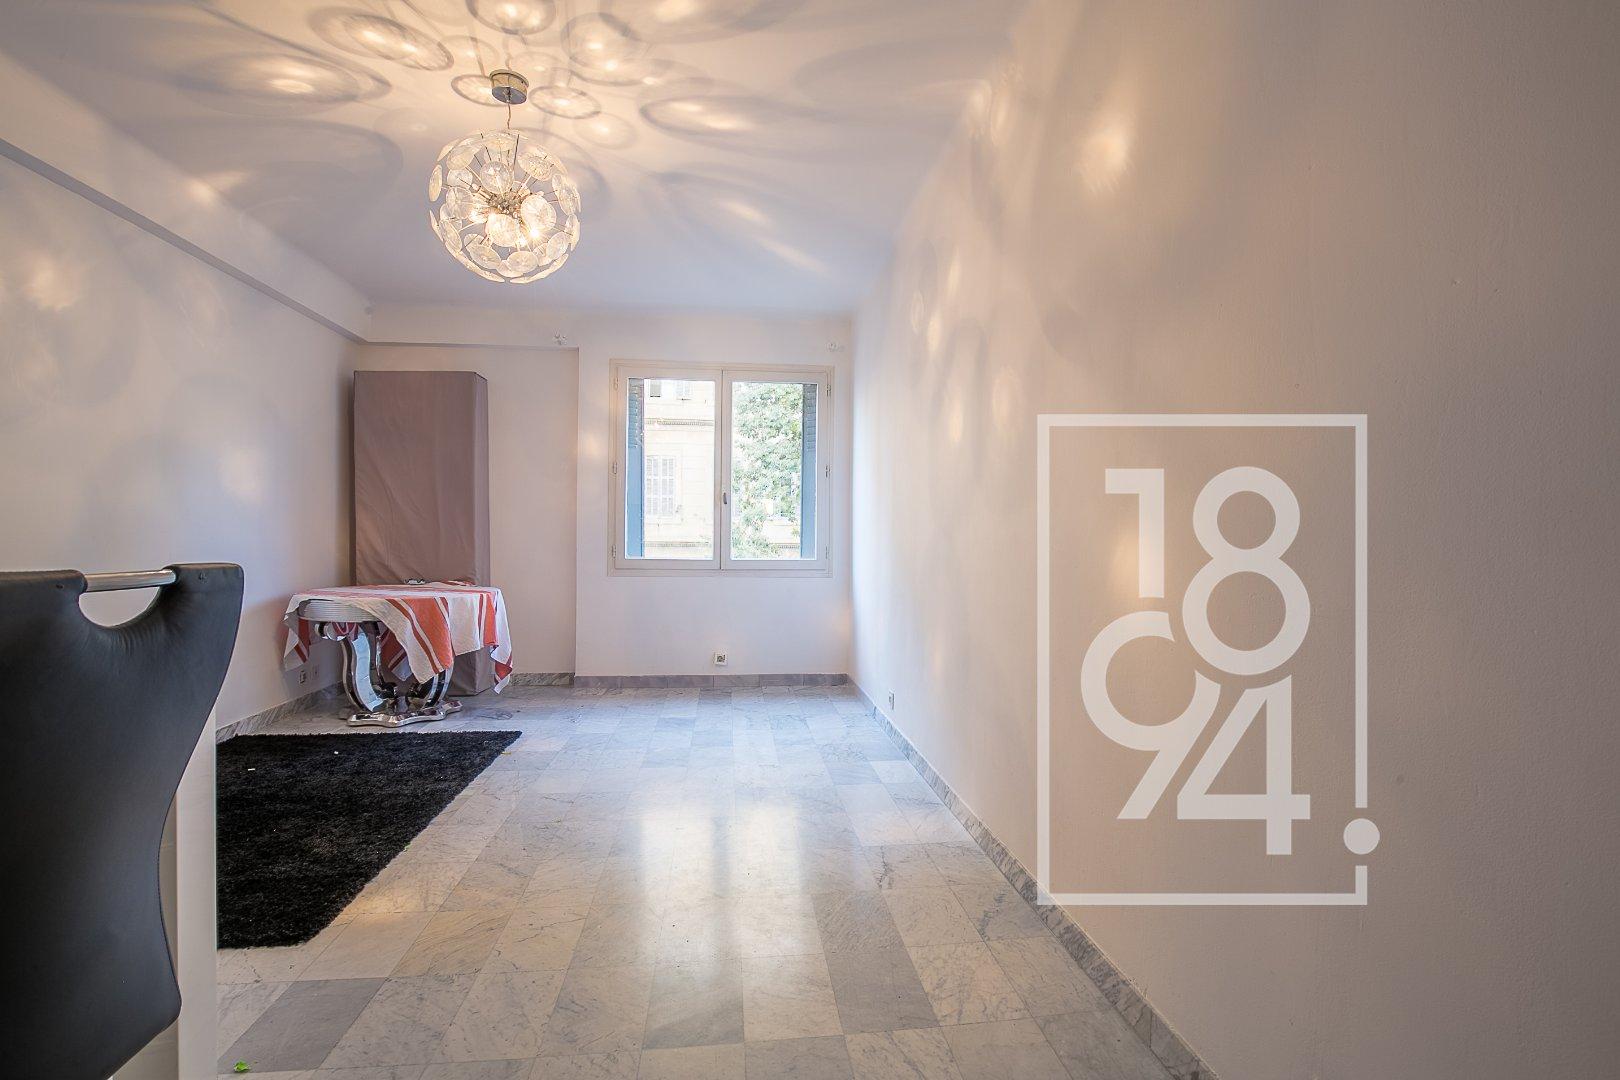 Opportunité dans résidence bien entretenue T4/5 avec balcon-Véranda